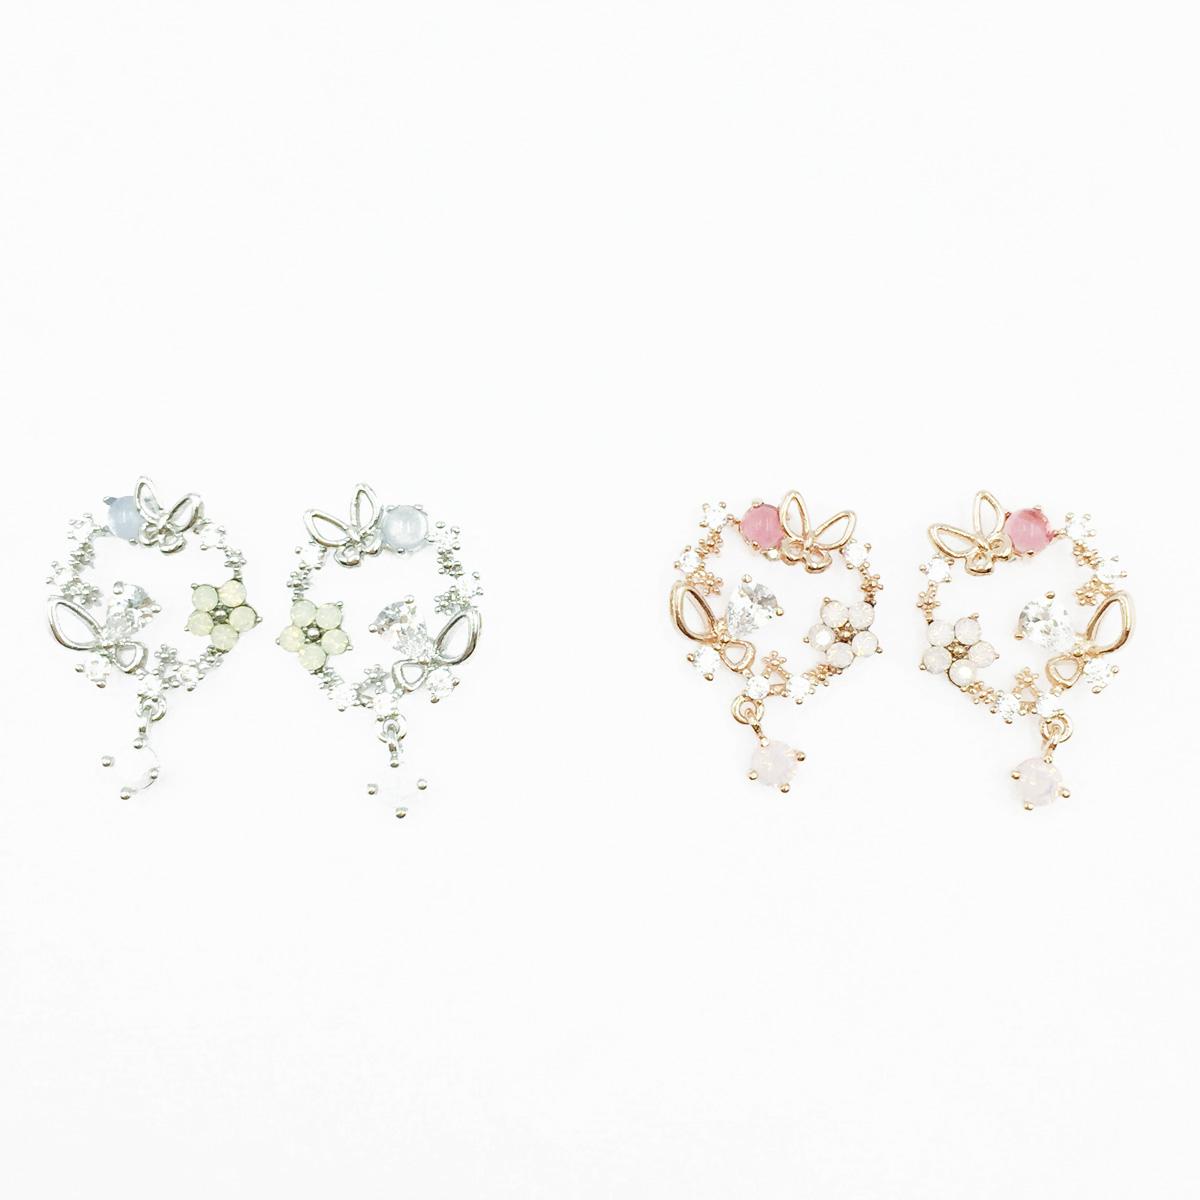 韓國 925純銀 蝴蝶 花 水鑽 2色 垂墜感 耳針式耳環